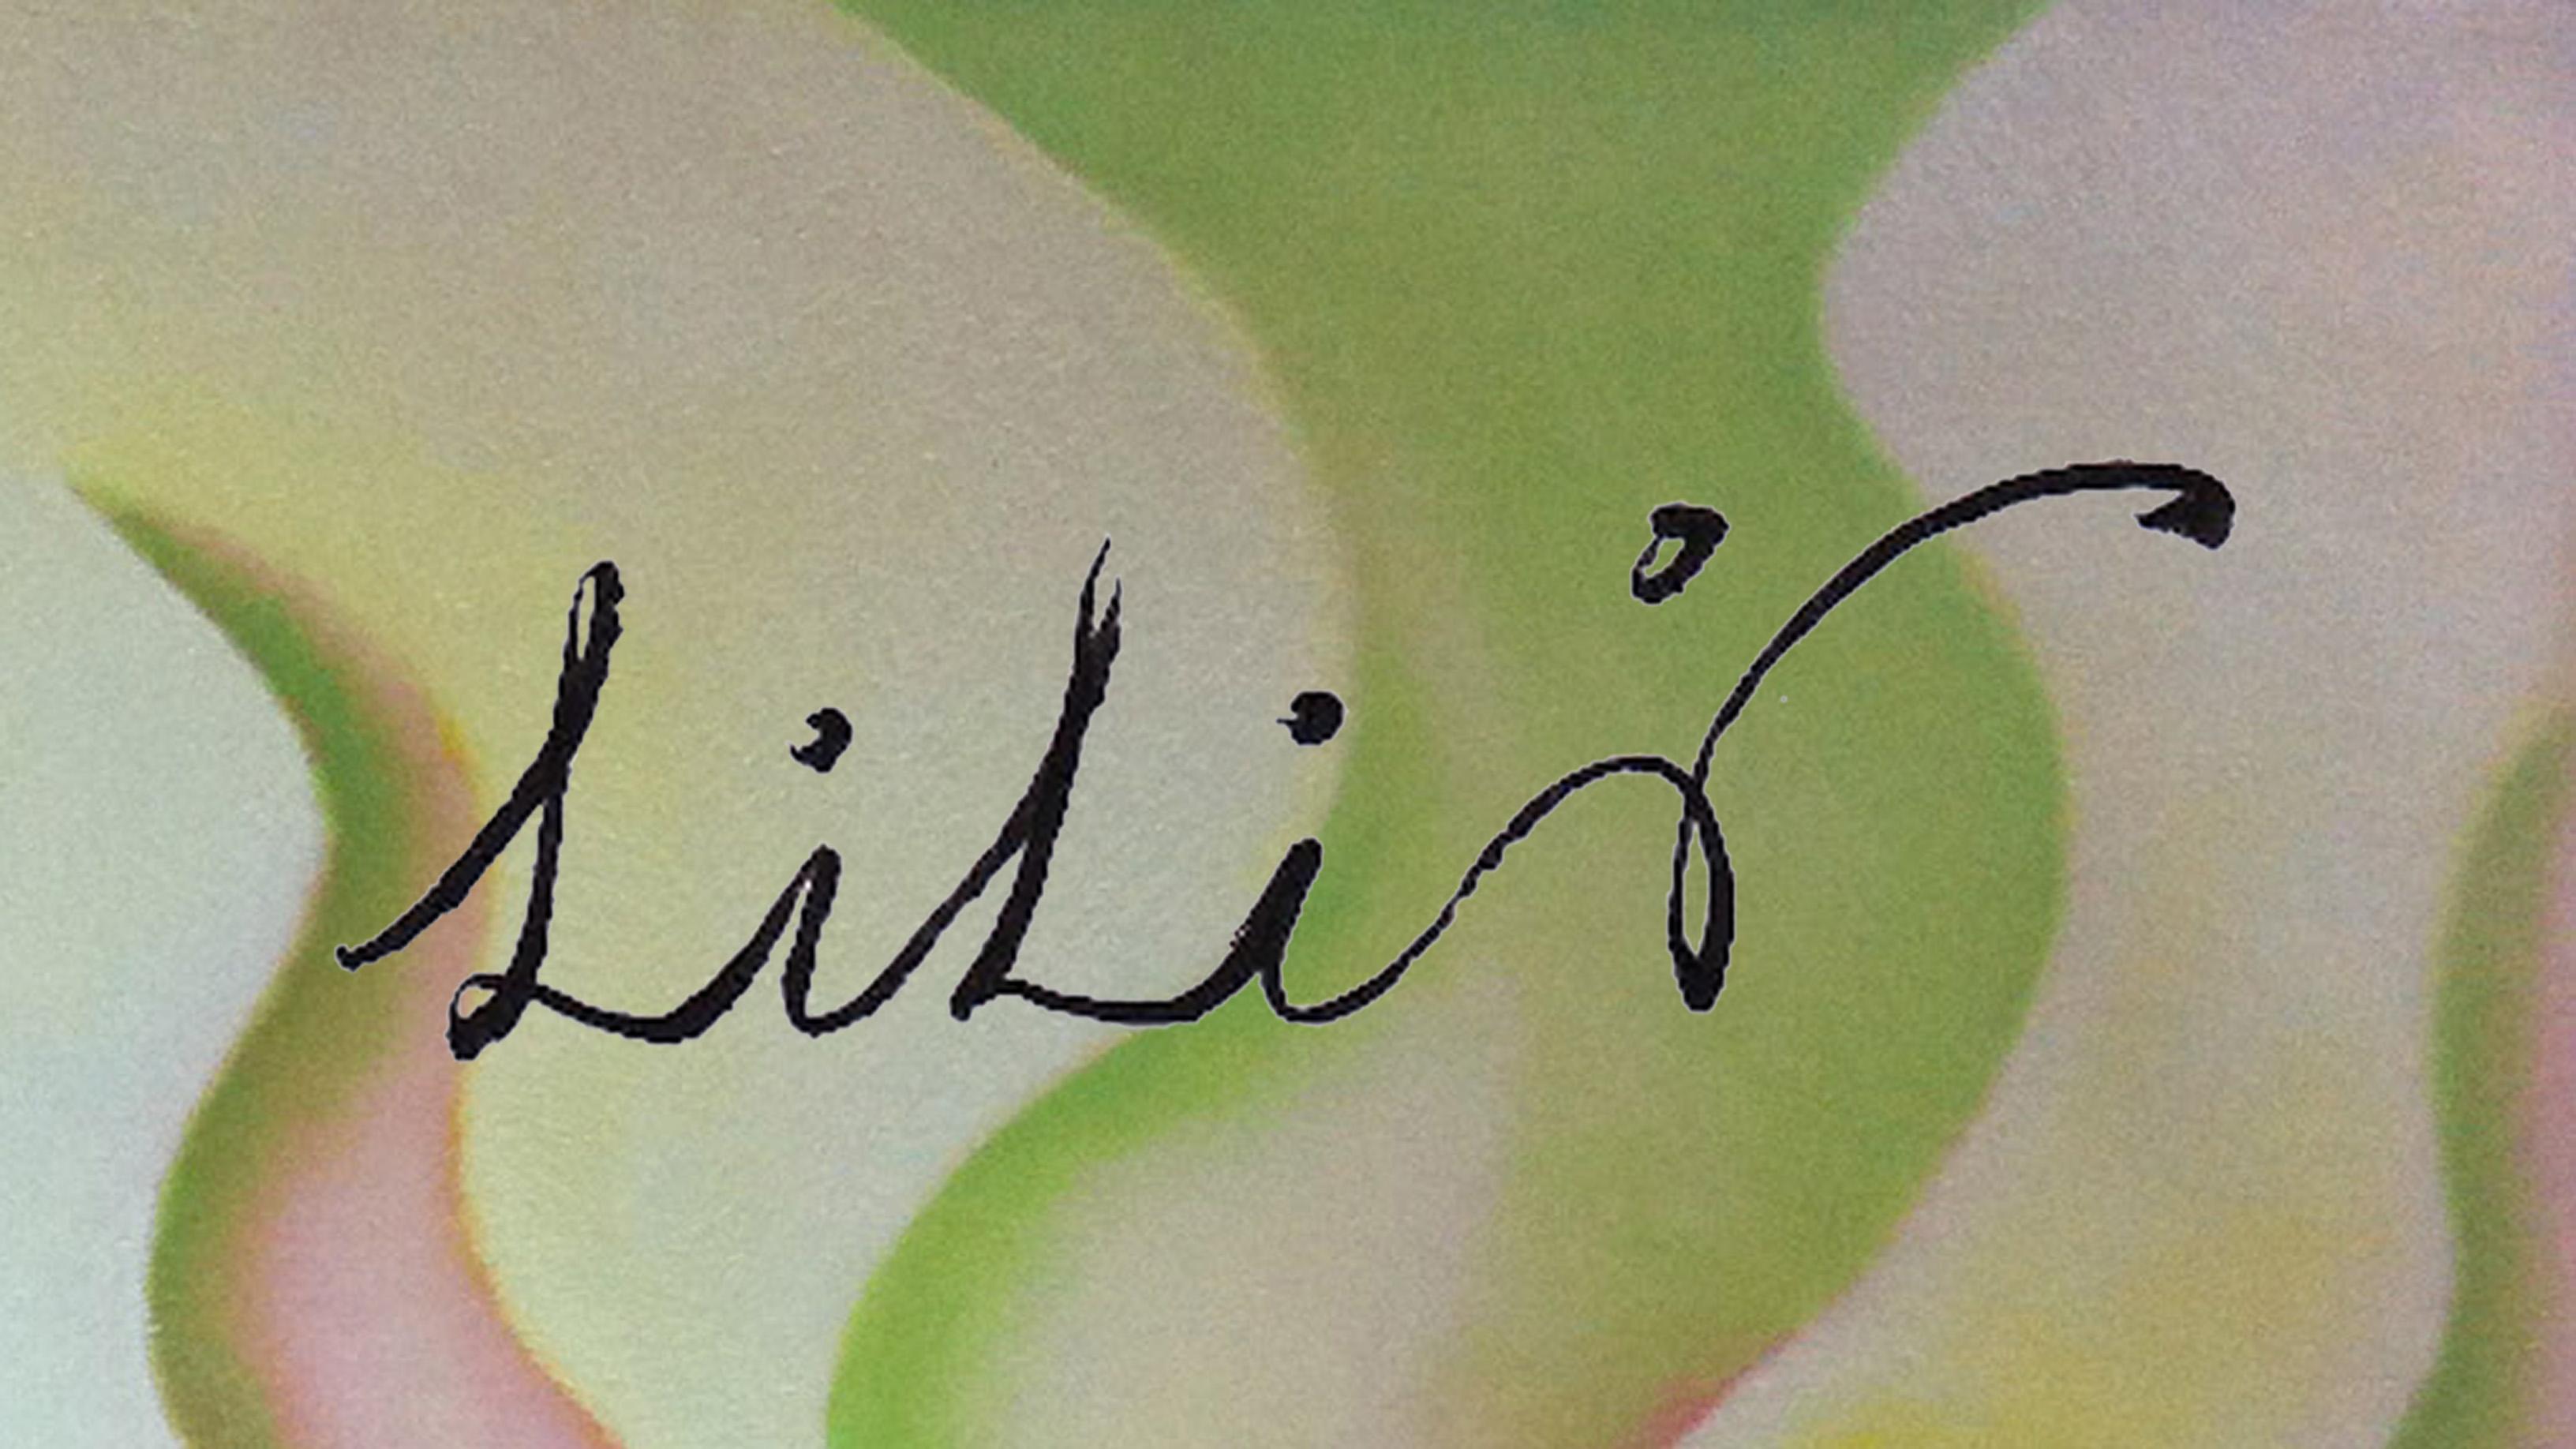 Li Li Signature